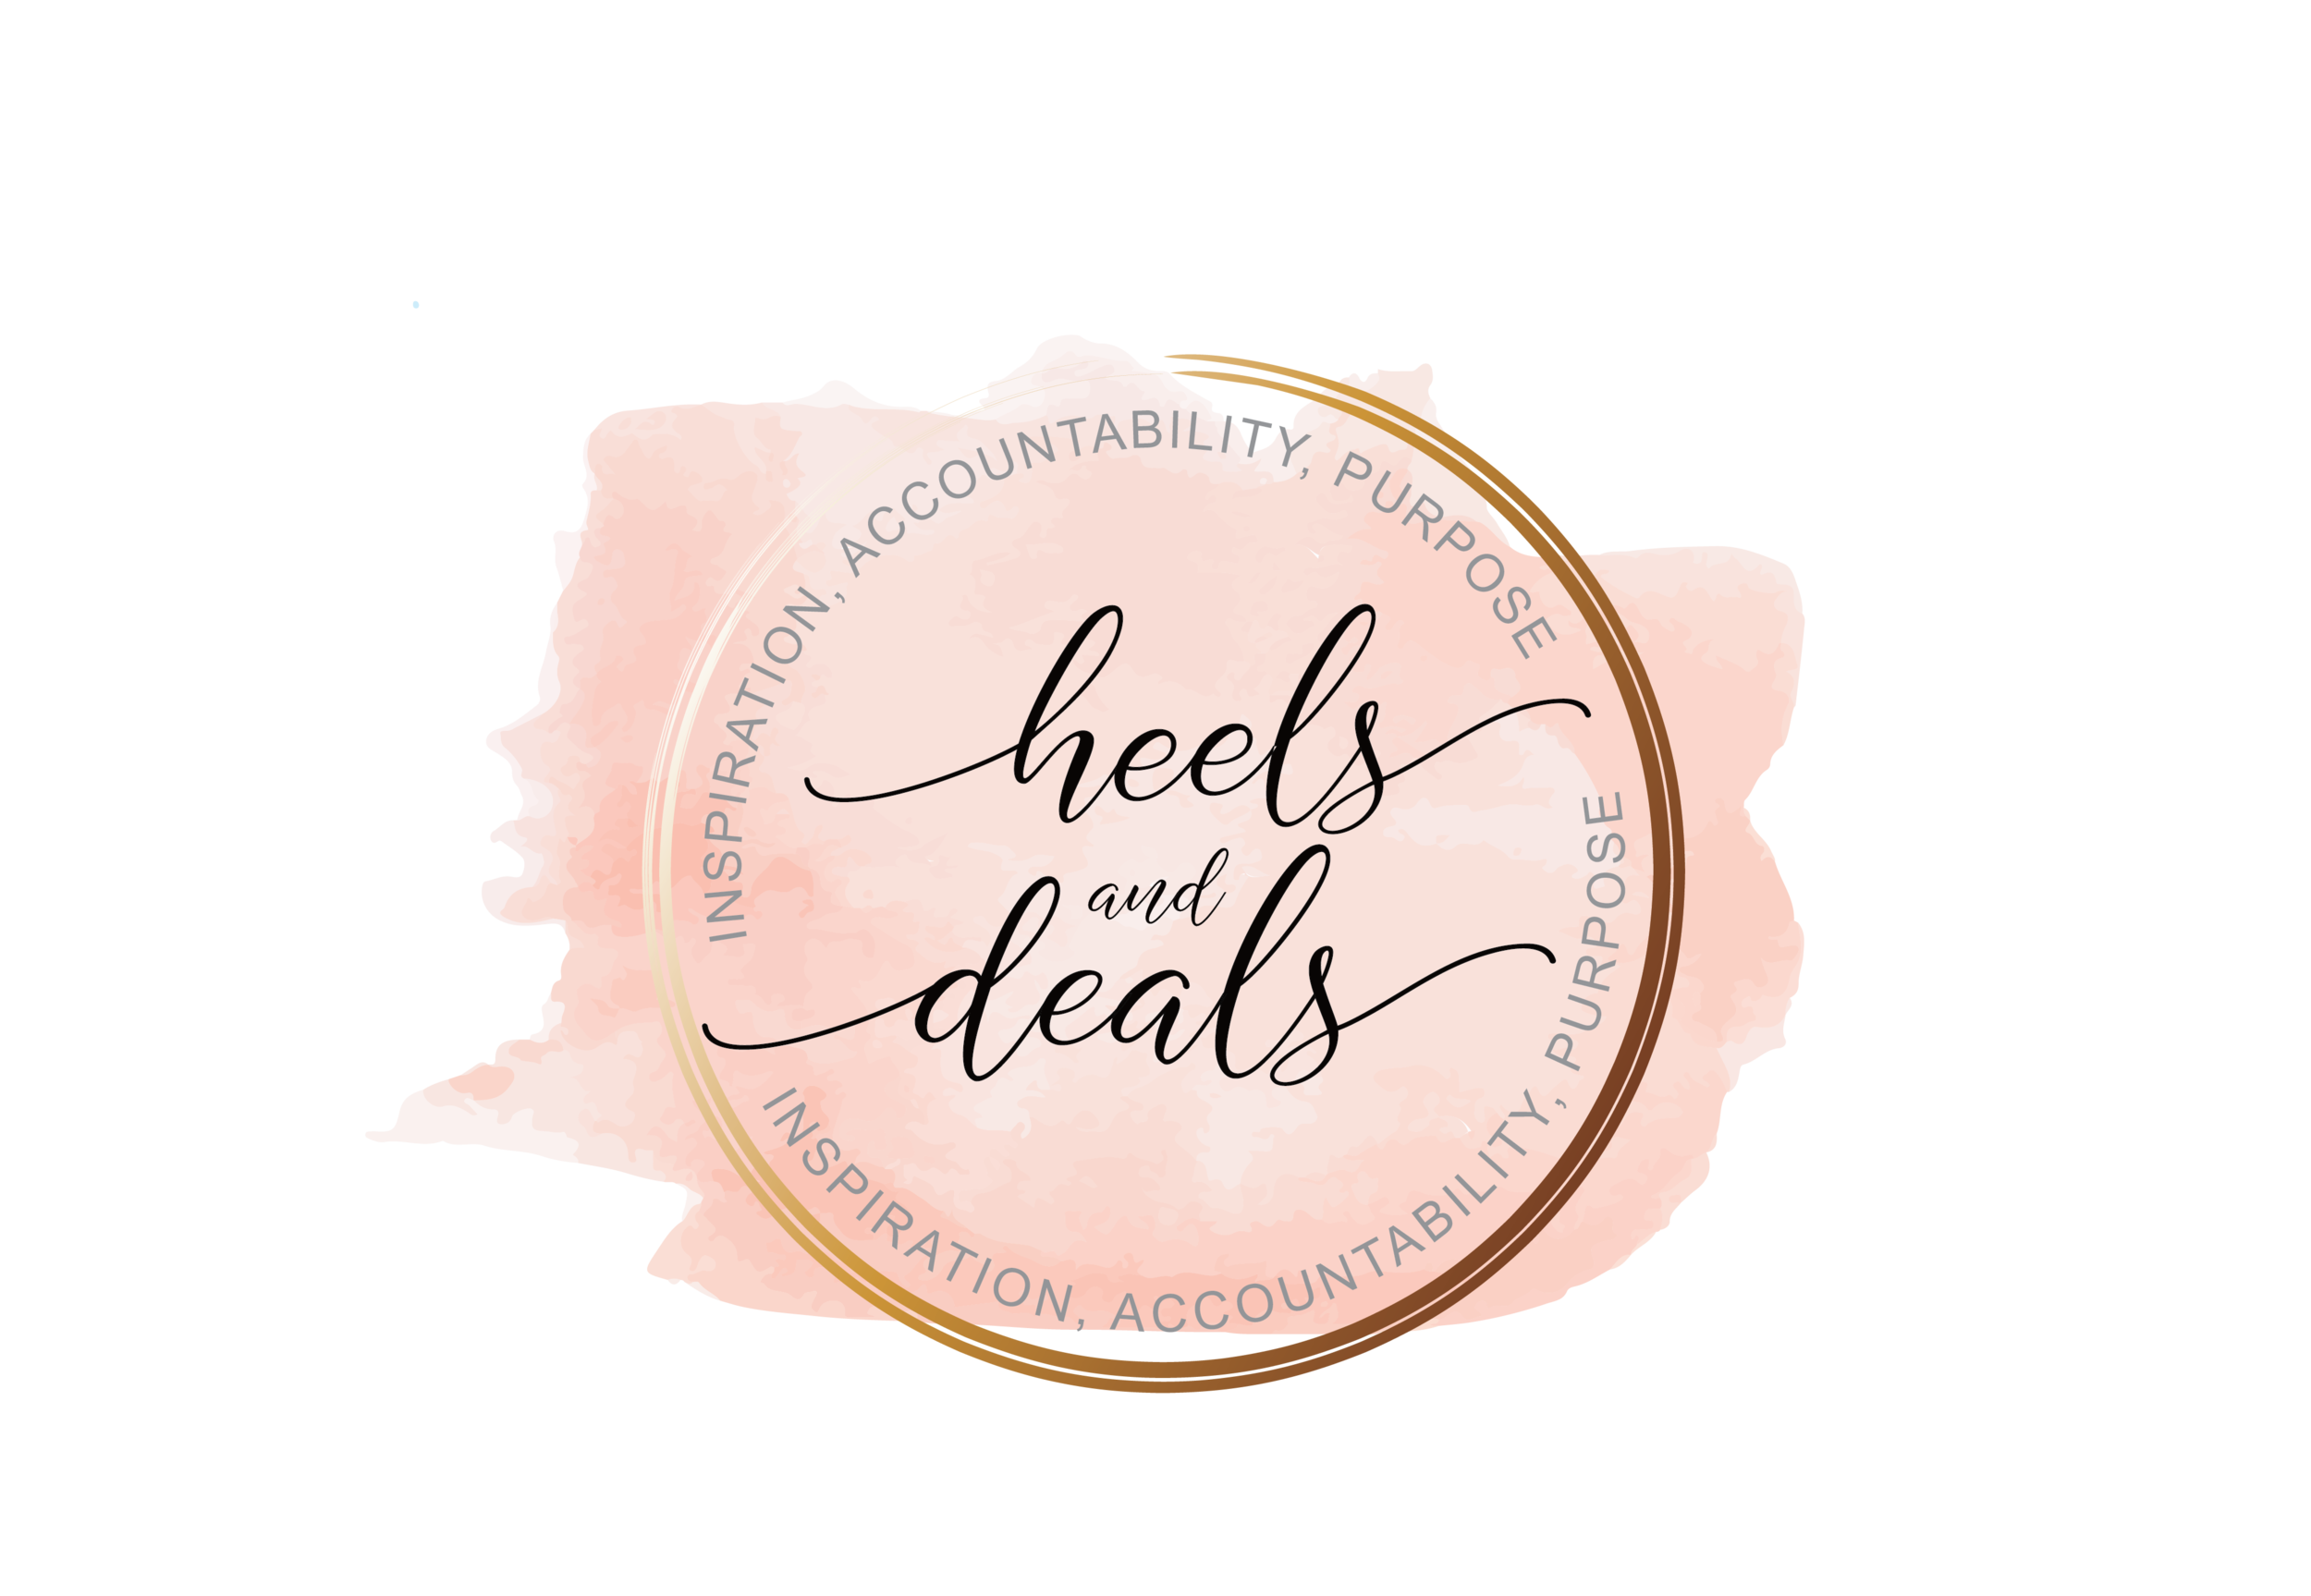 H&Deals.png